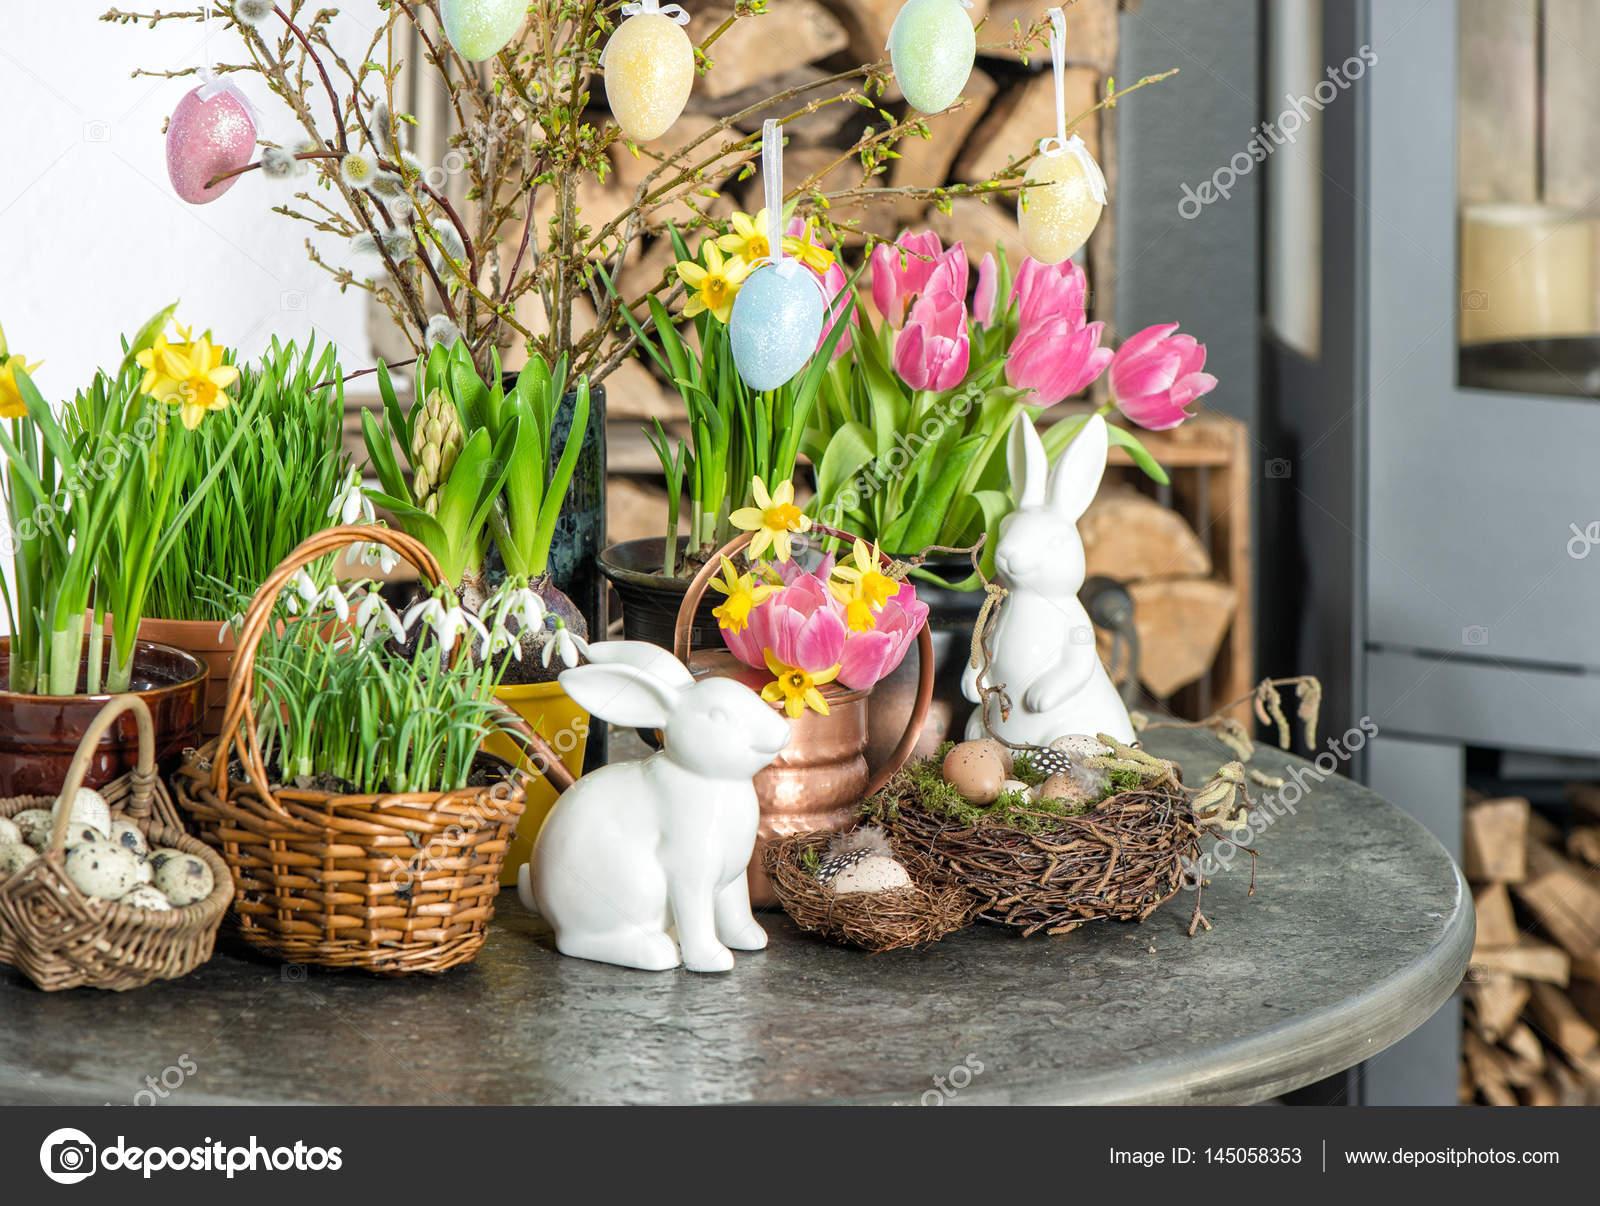 Wielkanoc Dekoracja Kwiaty Jaj Uroczysty Wnętrza Domu